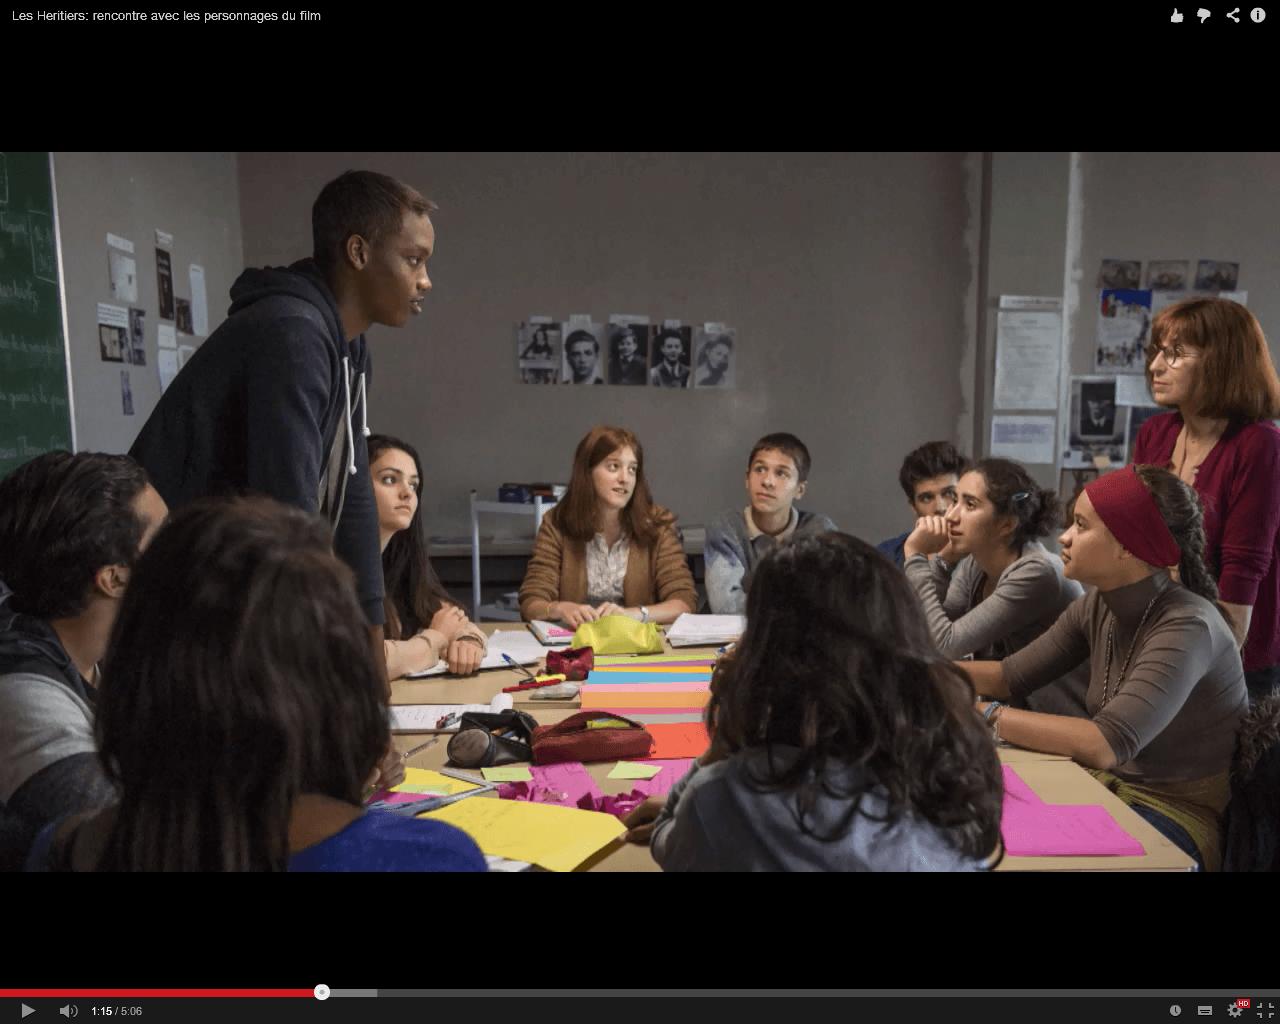 Les Héritiers : rencontre avec les personnages du film